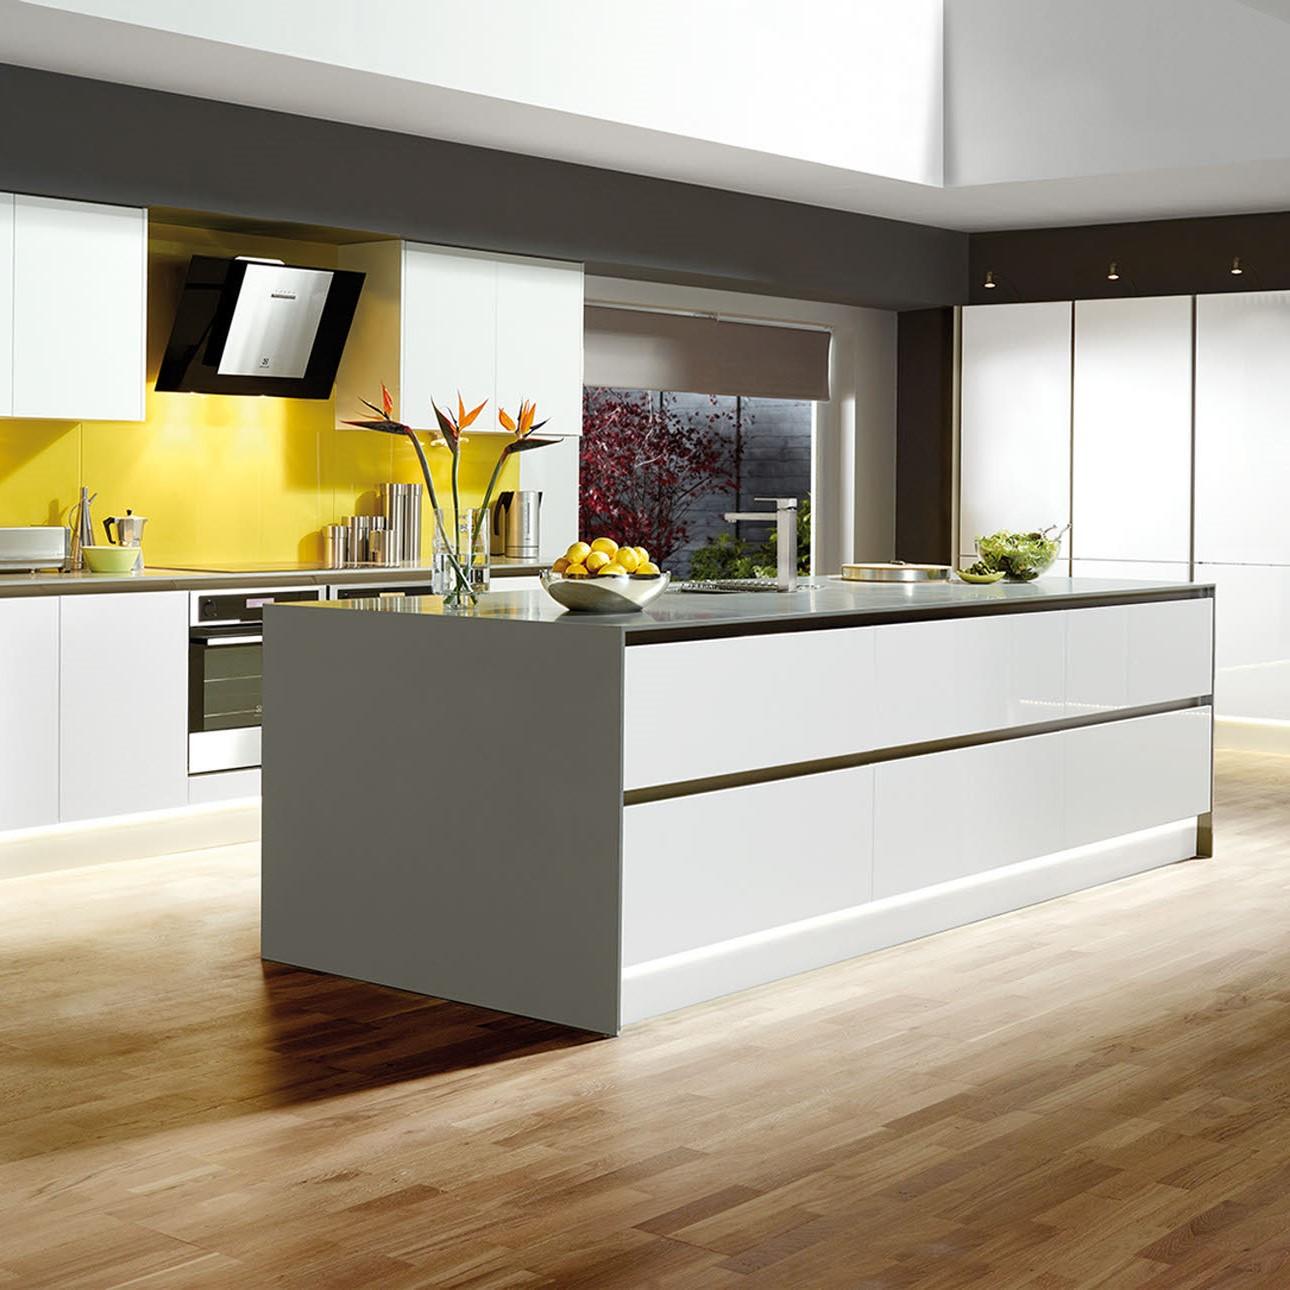 Si vous avez un îlot de cuisine, veillez à laisser un espace de circulation d'au moins 120 cm.